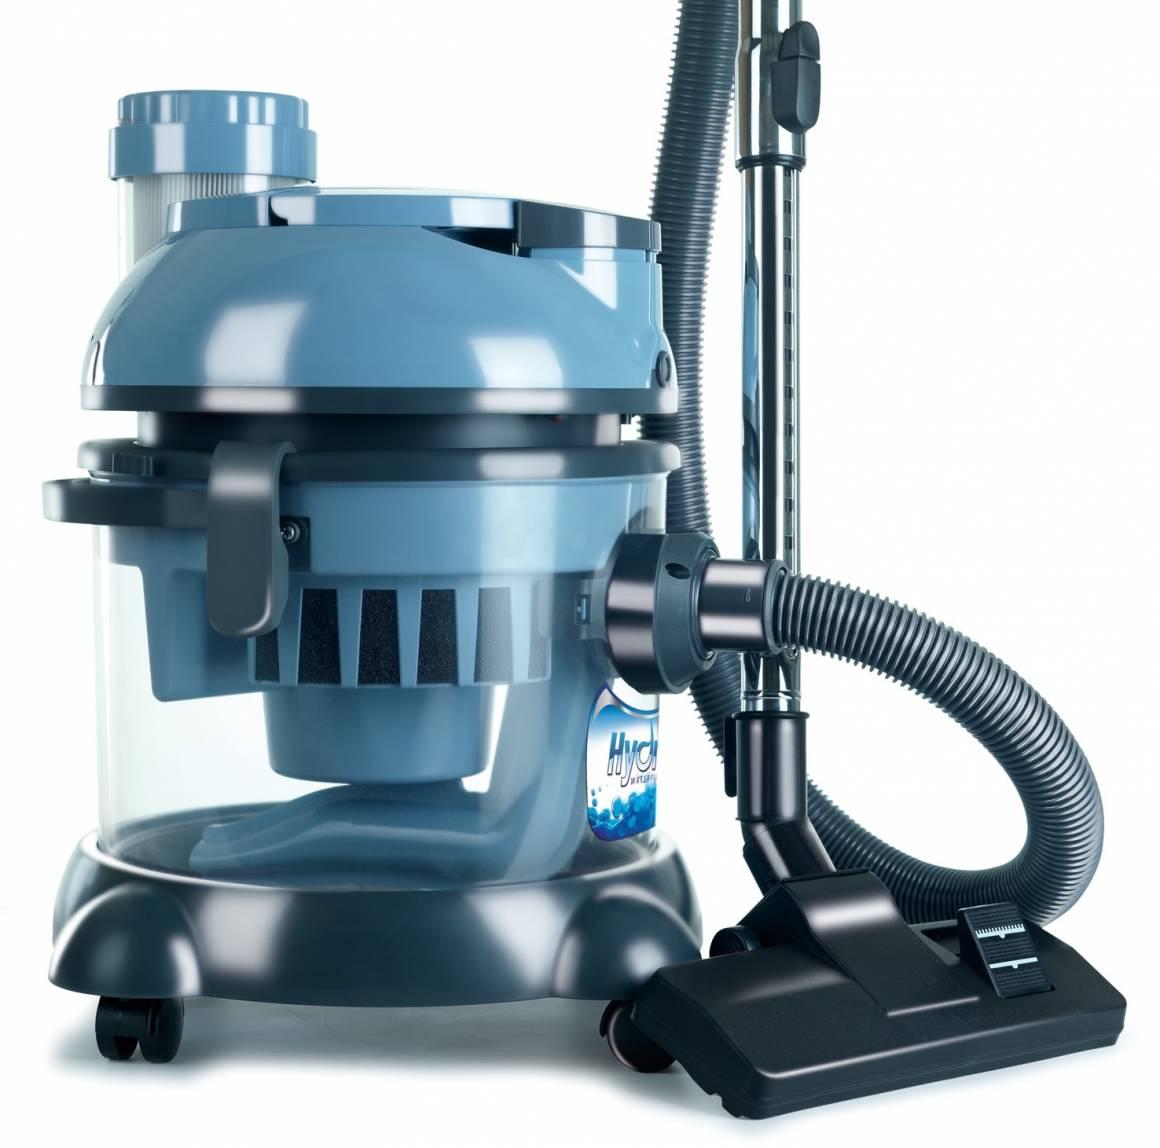 aspirapolvere ad acqua 1160x1148 - Comprare il migliore aspirapolvere ad acqua: guida e consigli per la scelta